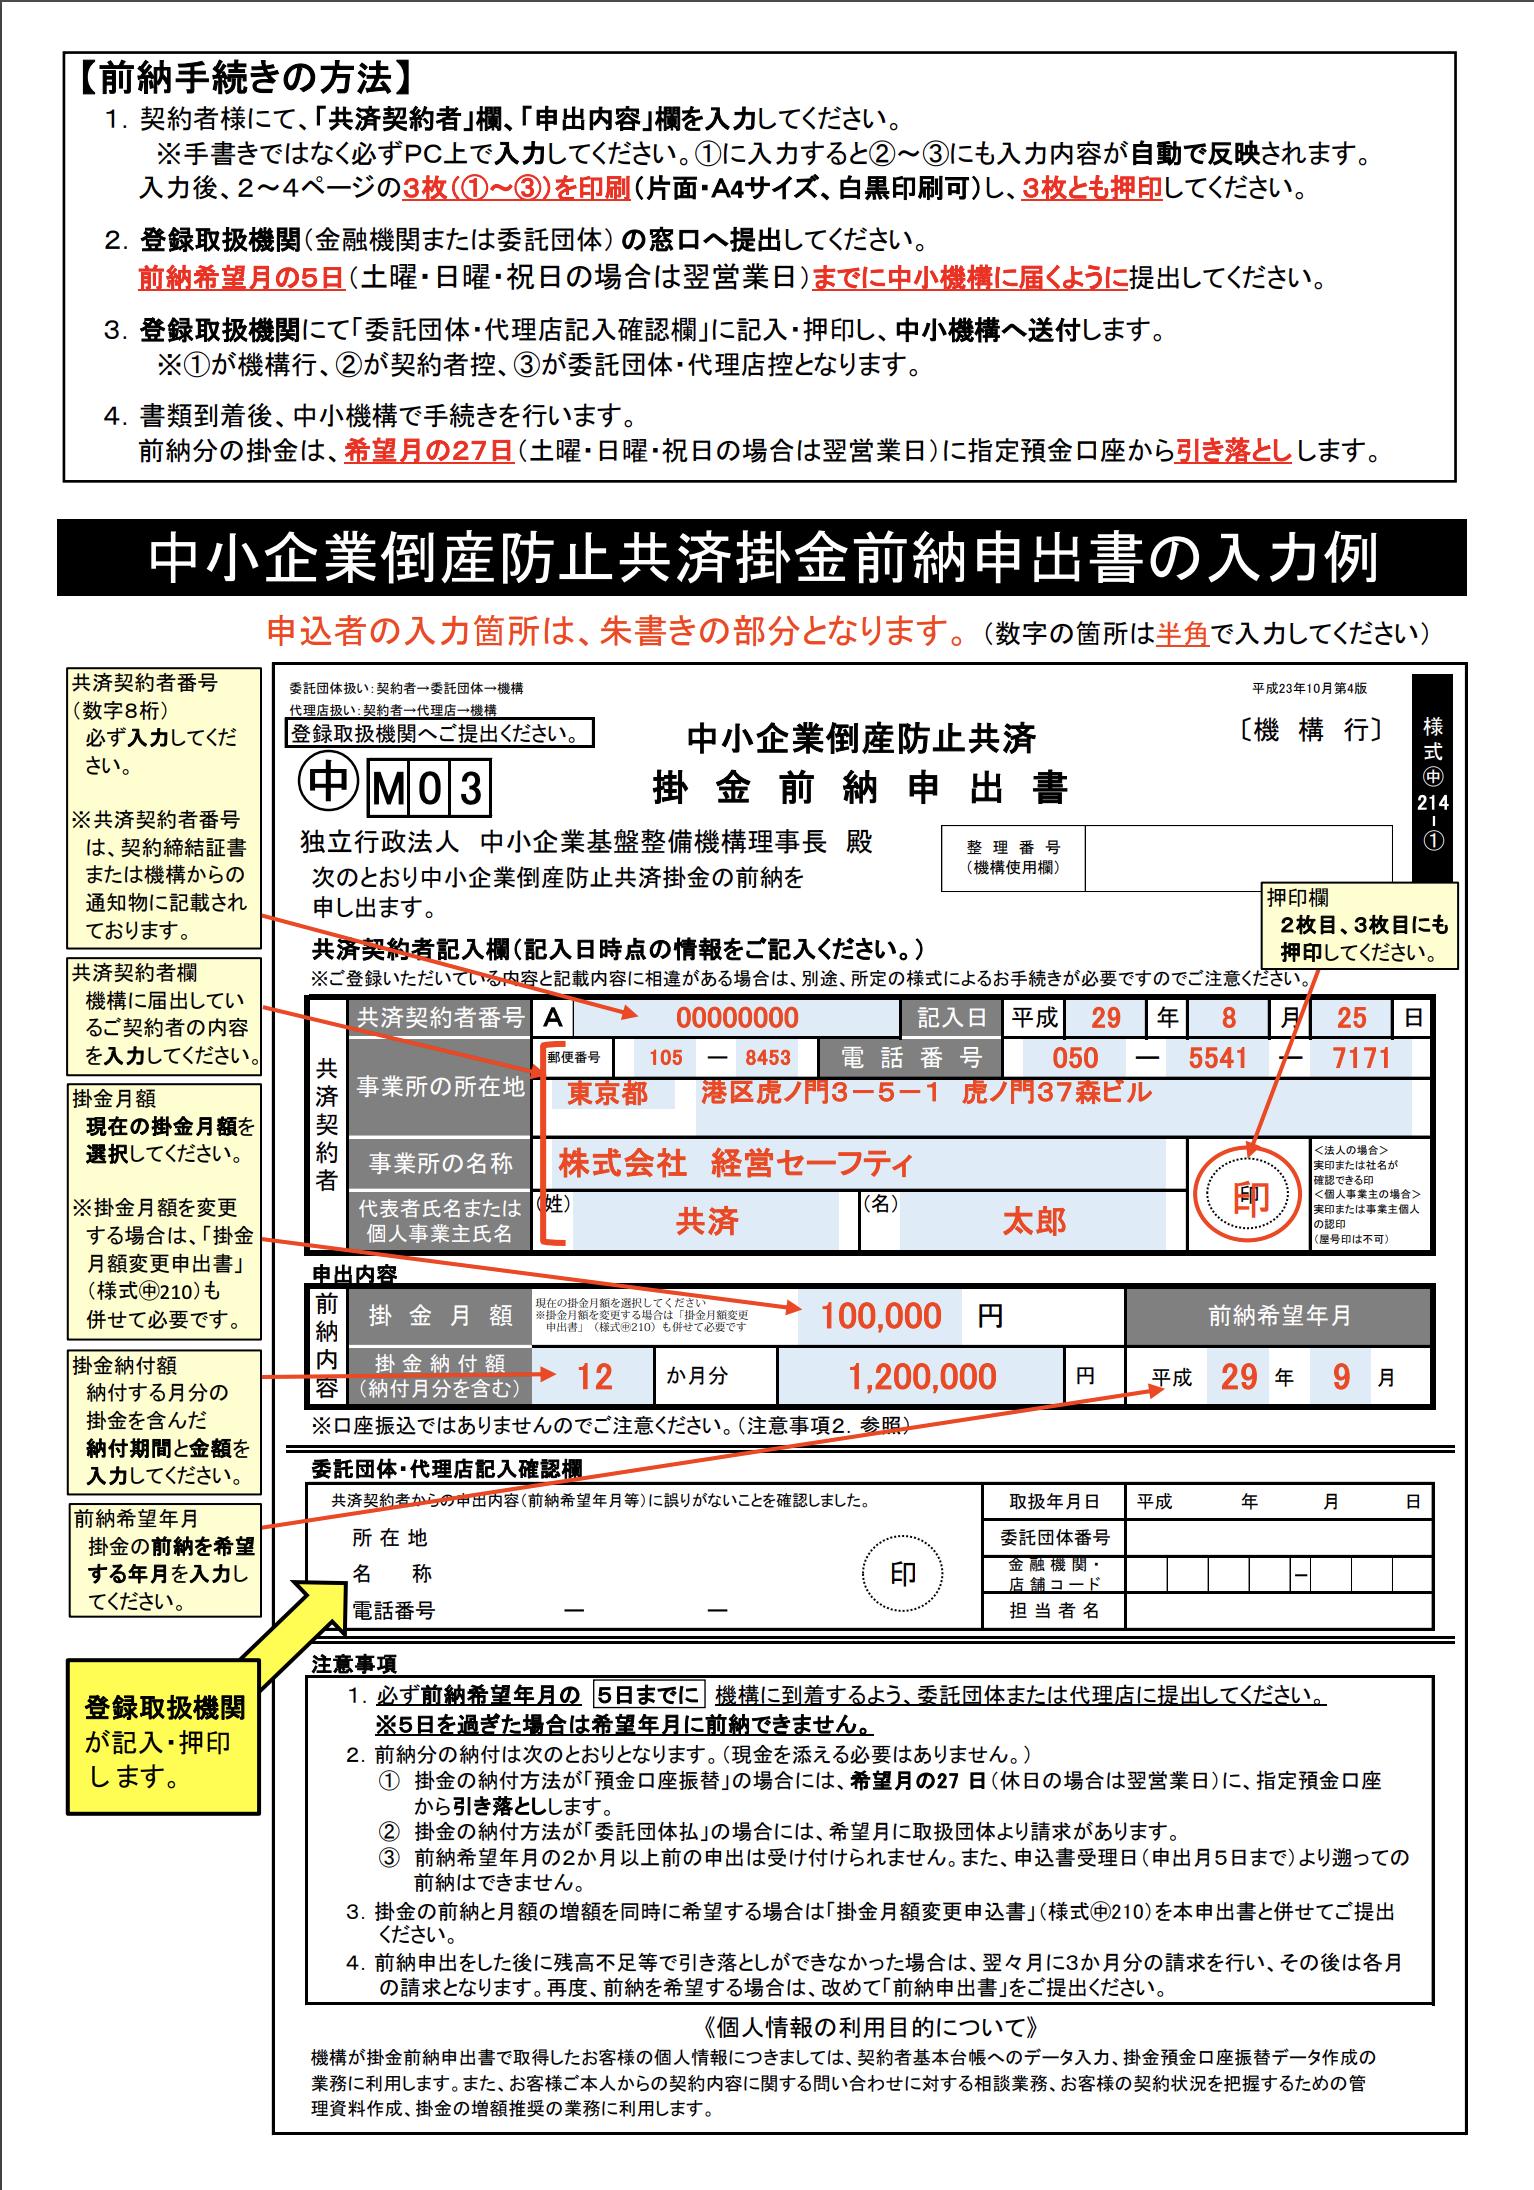 中小企業倒産防止共済掛金前納申出書記入例